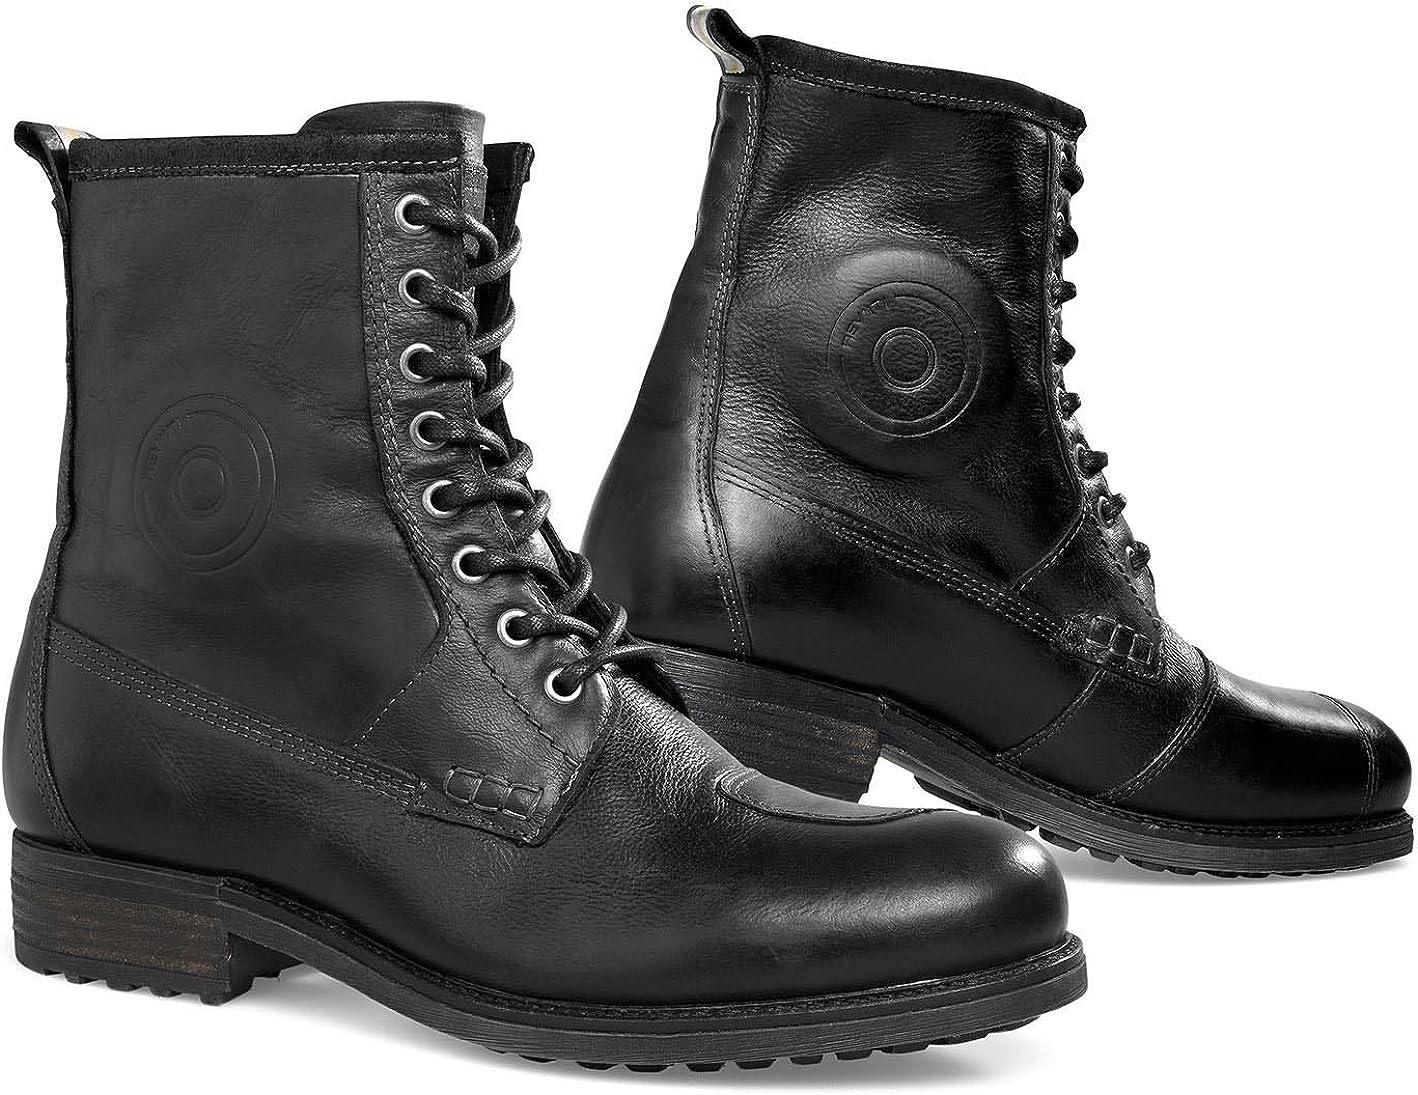 REVIT Chaussures Rev It RODEO Noir